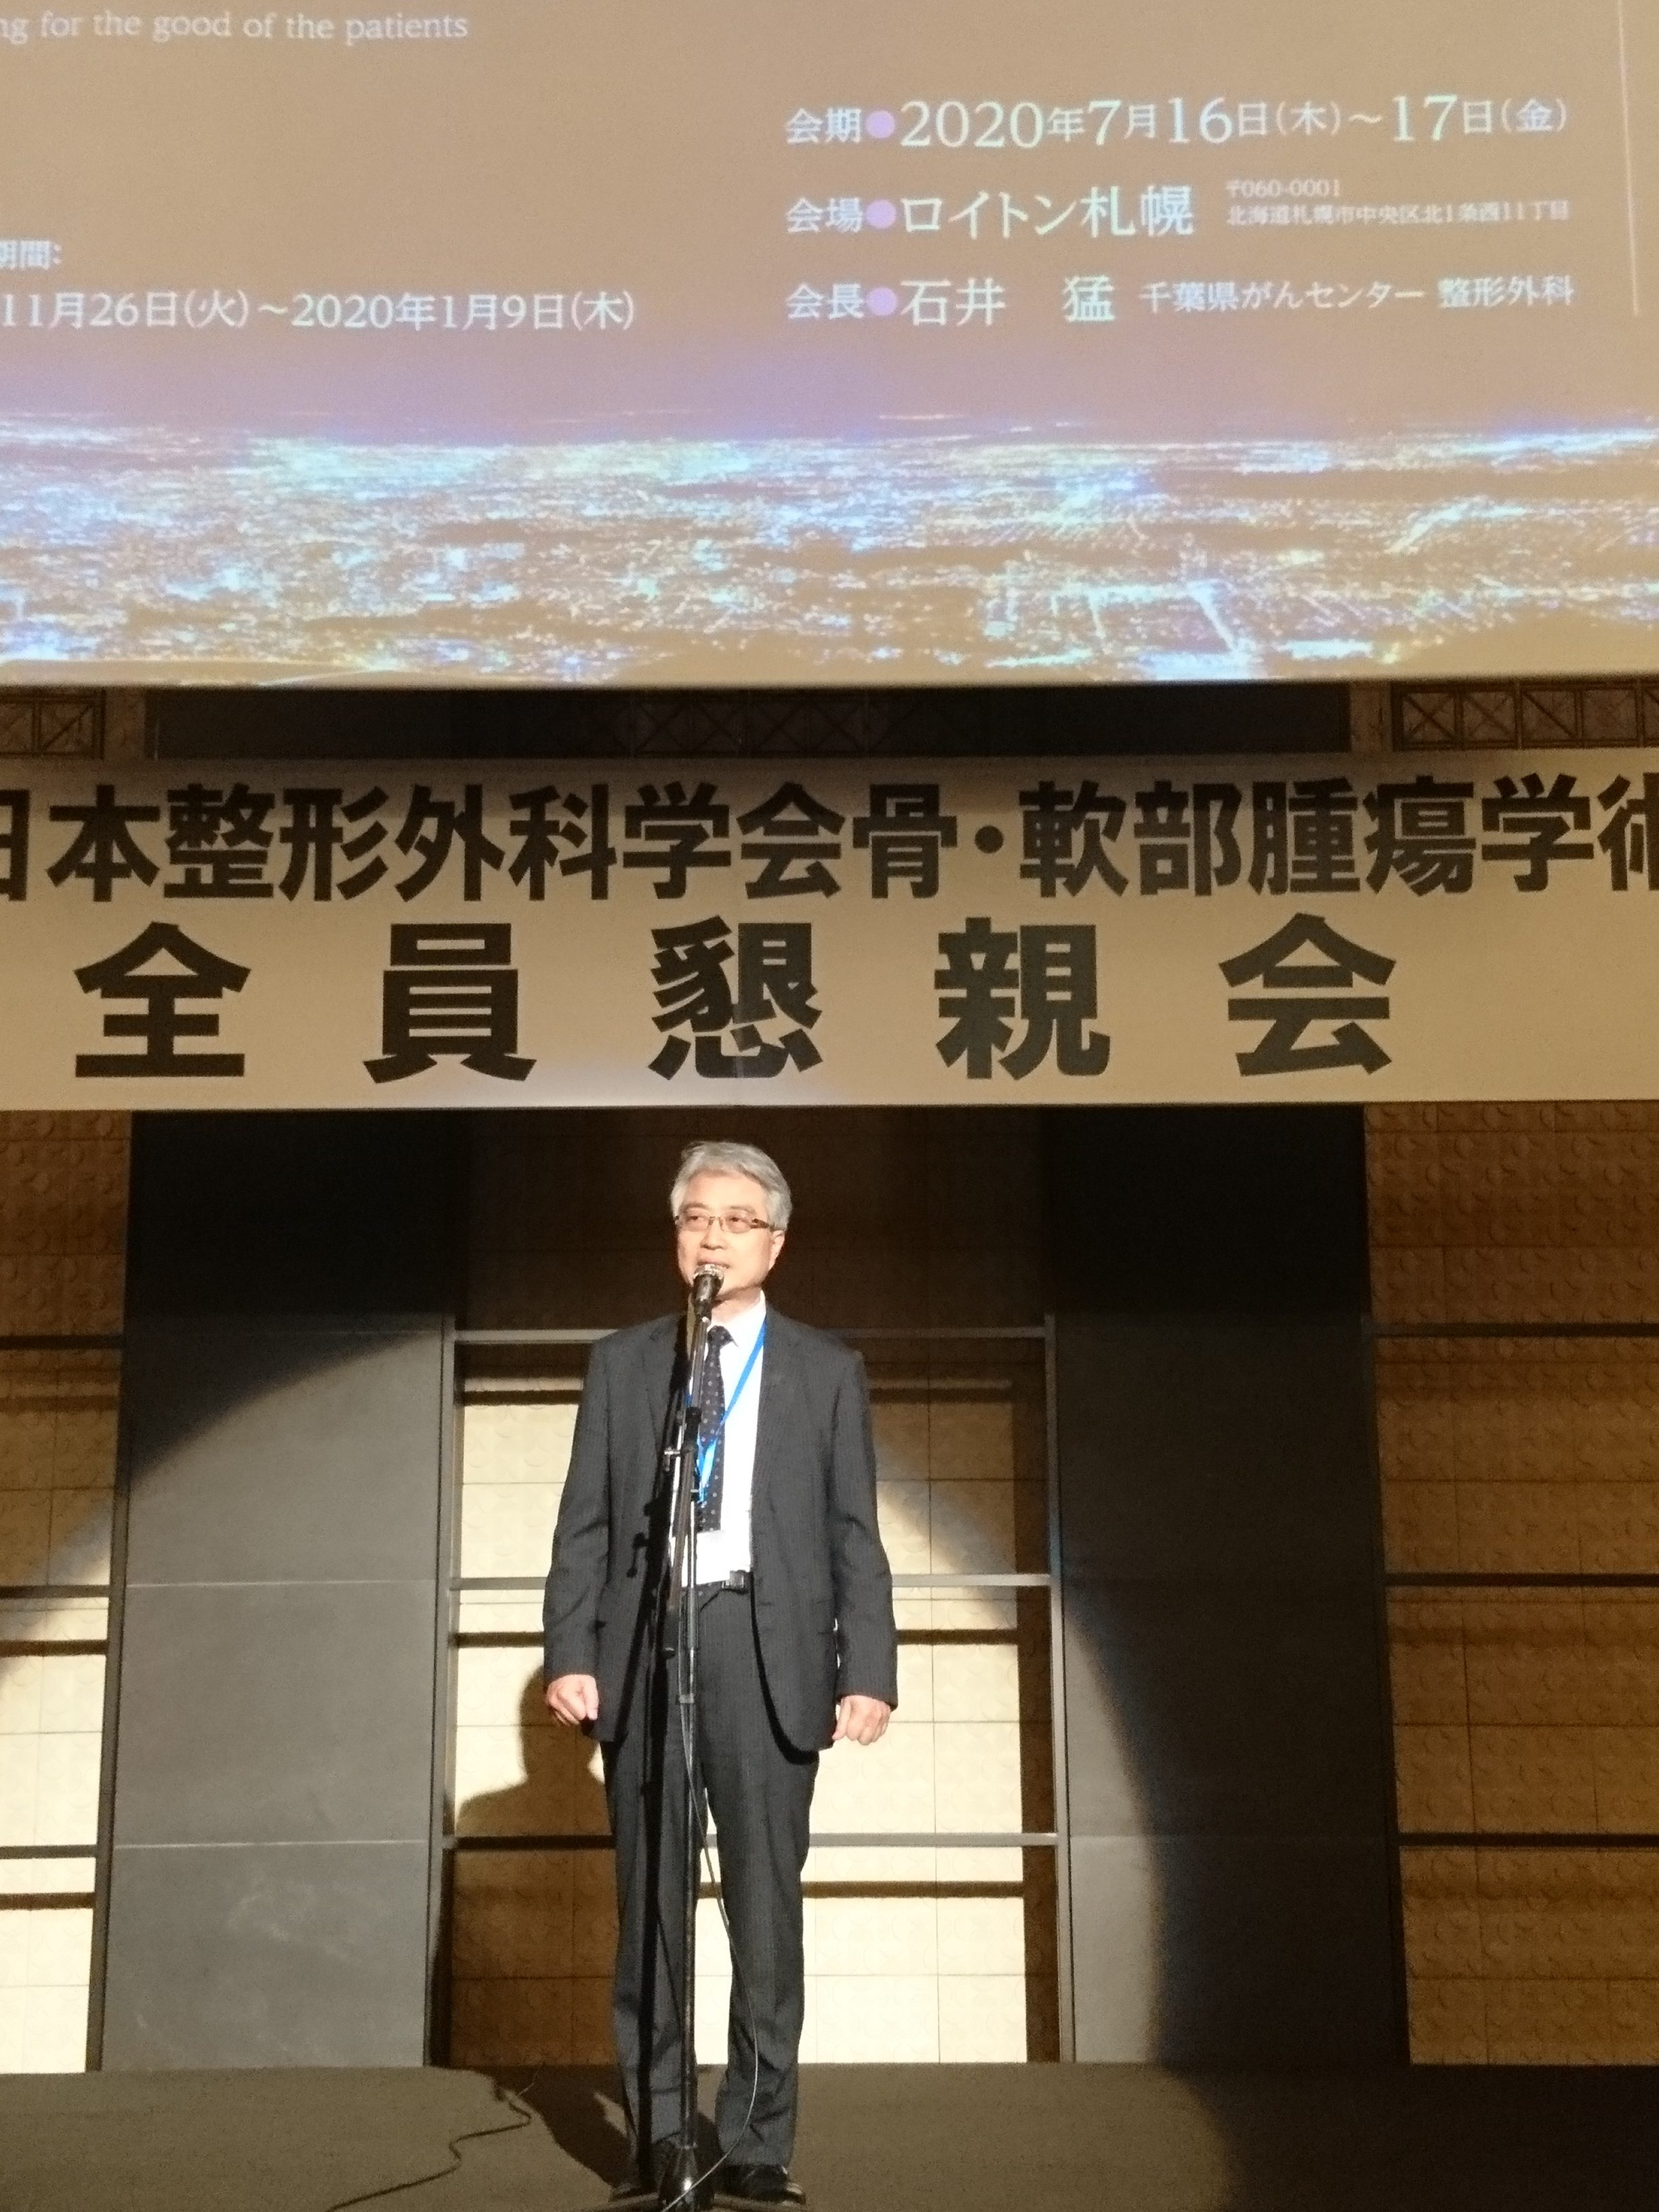 日本 整形 外科 学会 2020